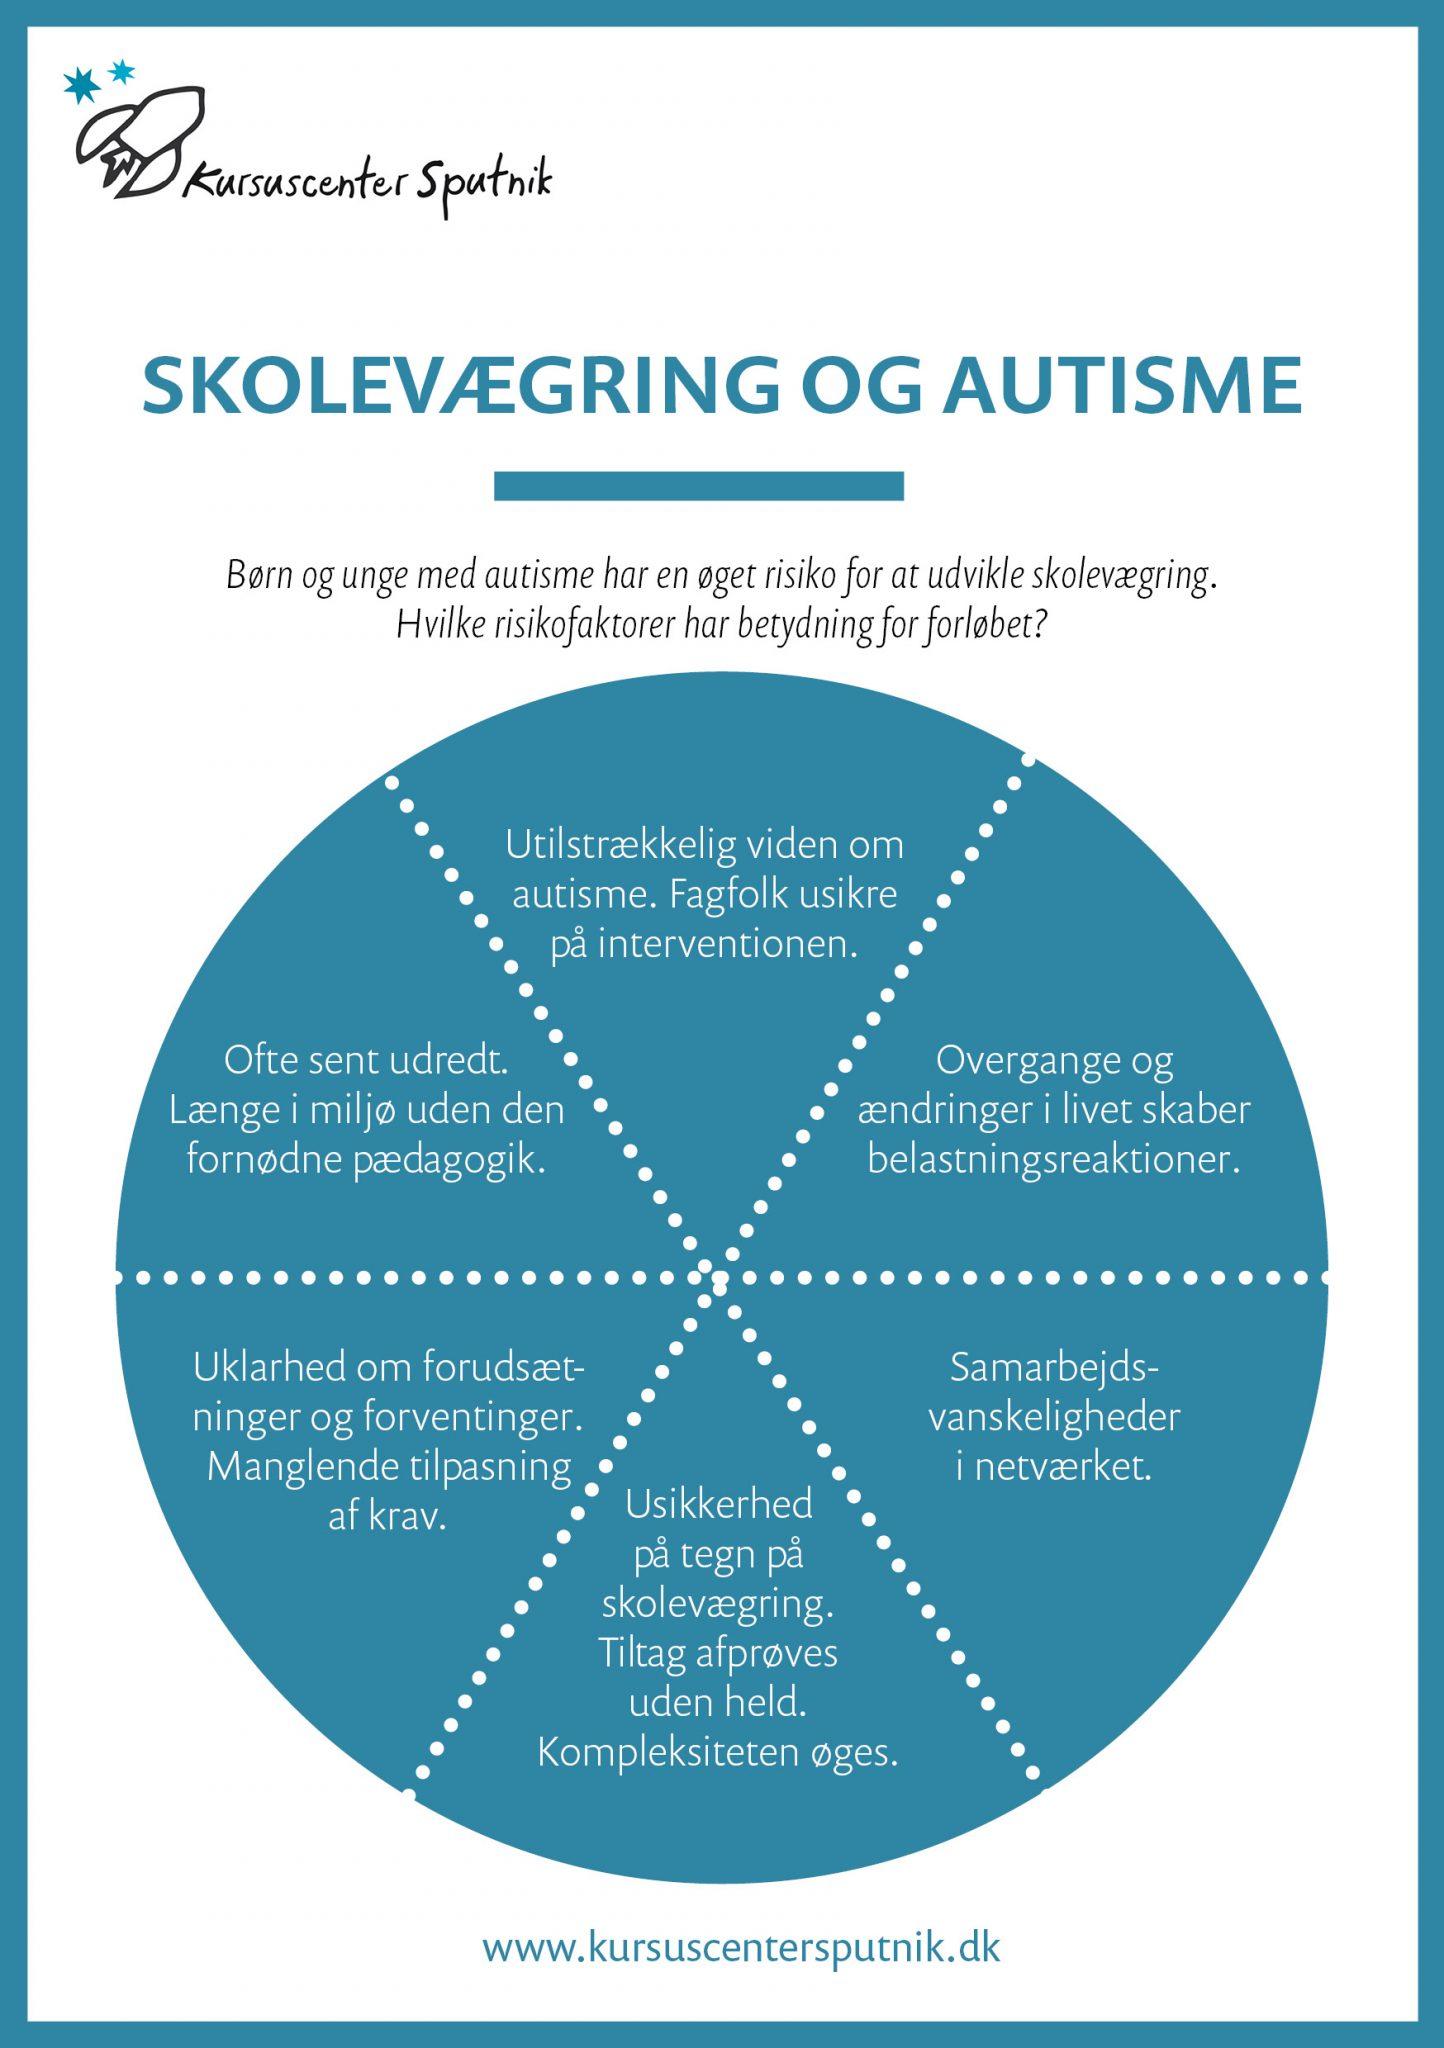 Skolevægring autisme